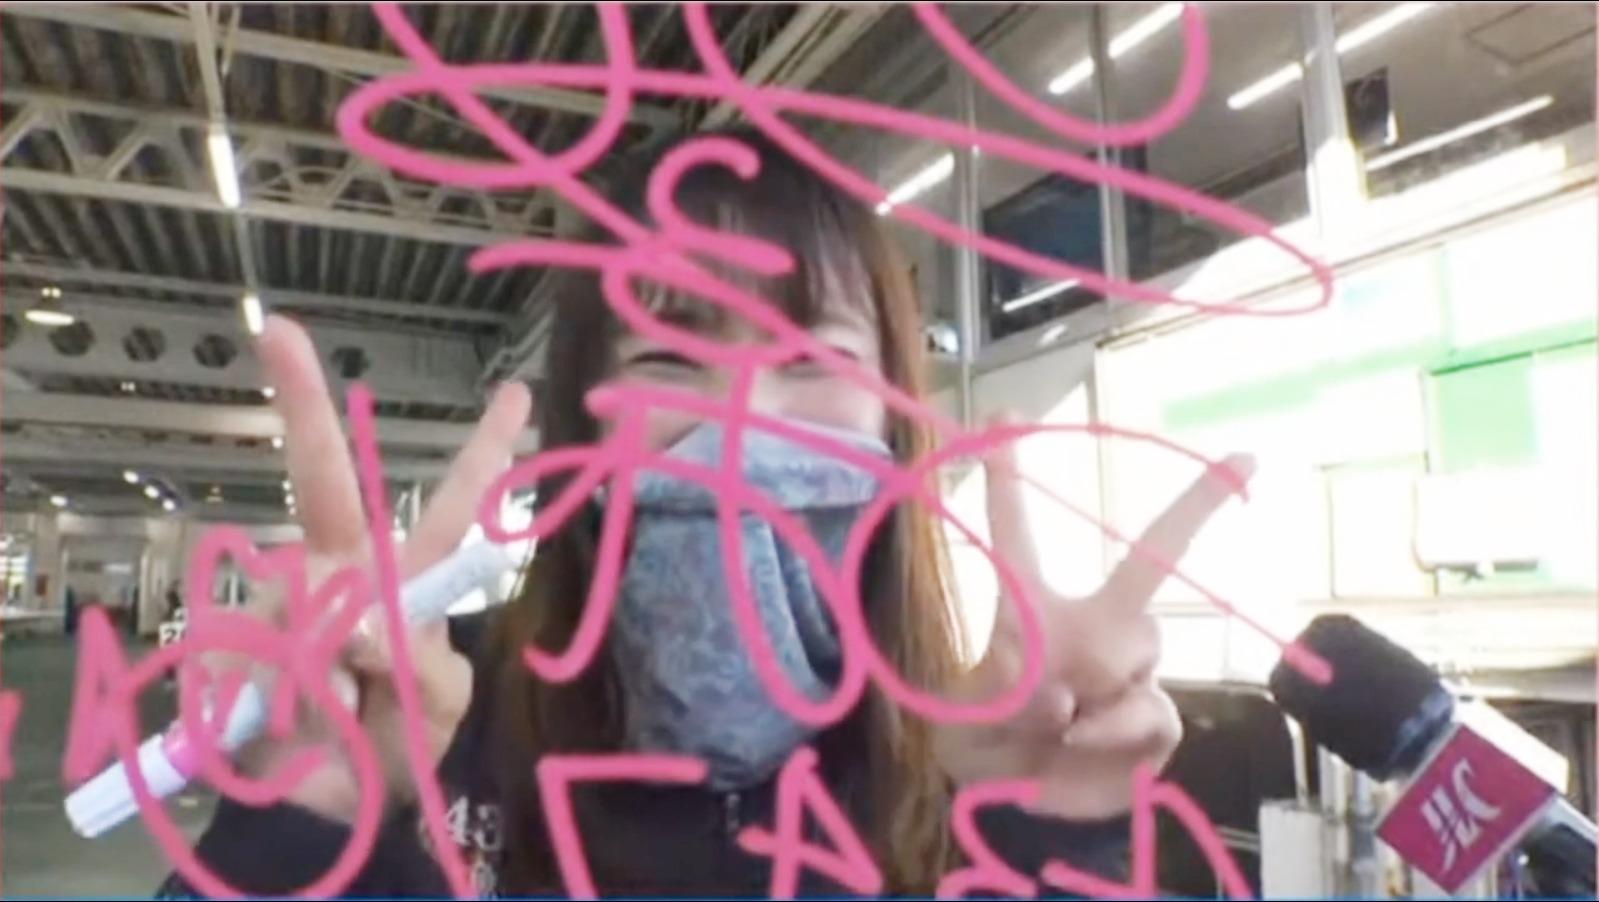 【魚谷香織 強烈な復帰戦】ヴィーナスシリーズ初日振り返り【ボートレース下関】